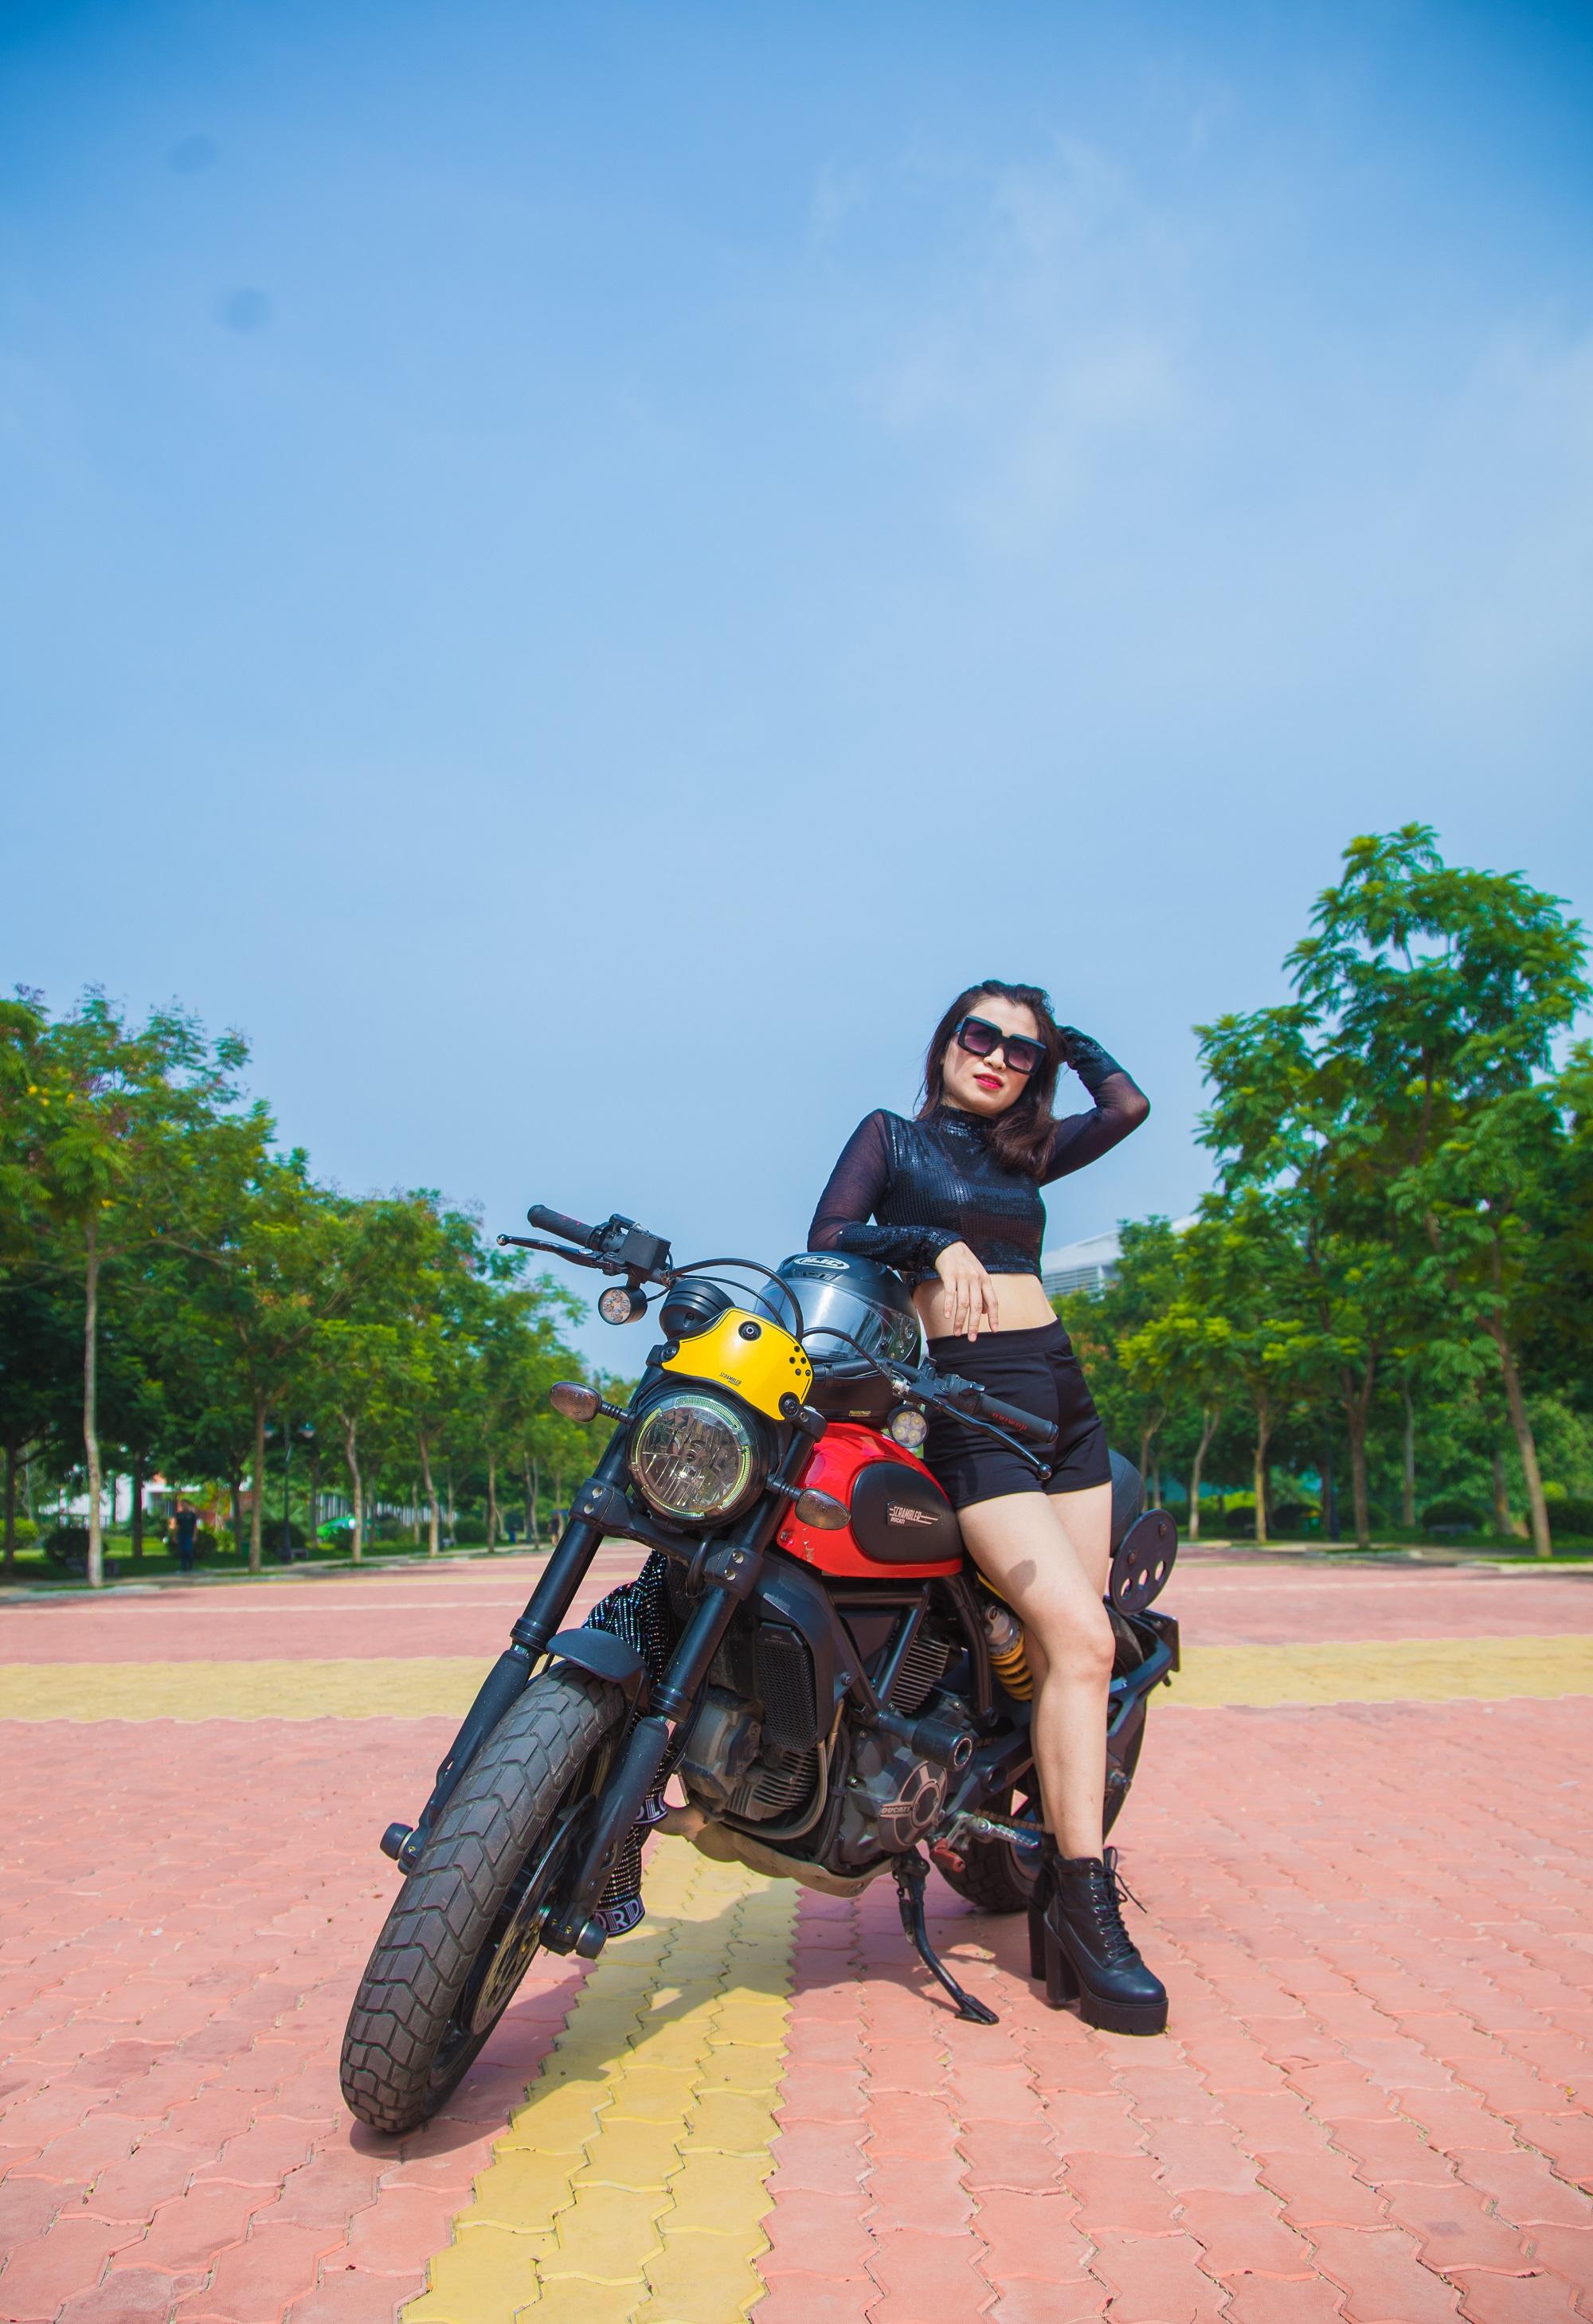 Tống An An (Viện đào tạo quốc tế FAI)với lợi thế về chiều cao và vóc dáng chuẩn mẫu, cô nàngdễ dàng chinh phục người nhìn bởi ngoại hình bắt mắt.